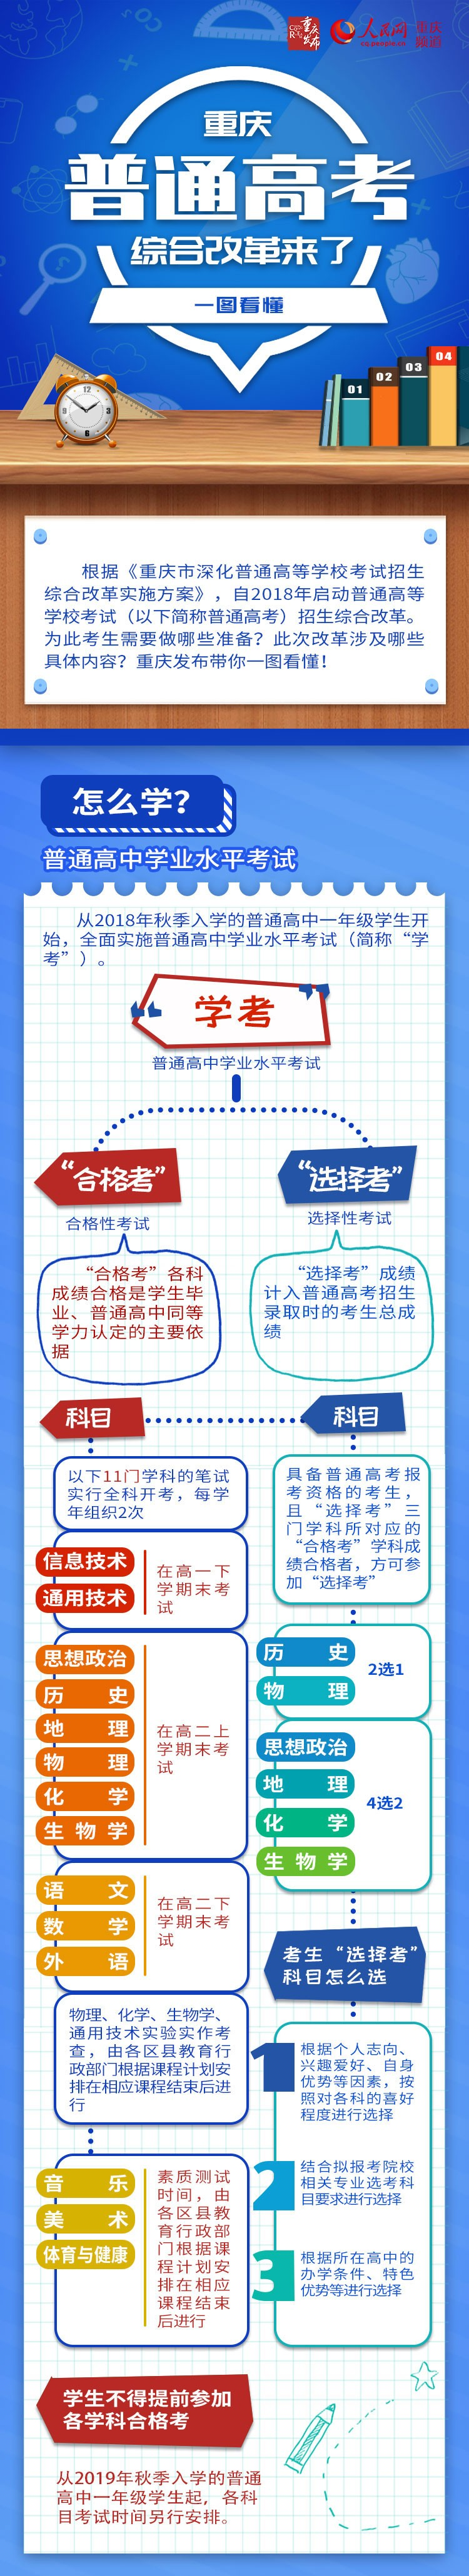 福建、湖北、湖南、重庆等8省市宣布高考改革方案